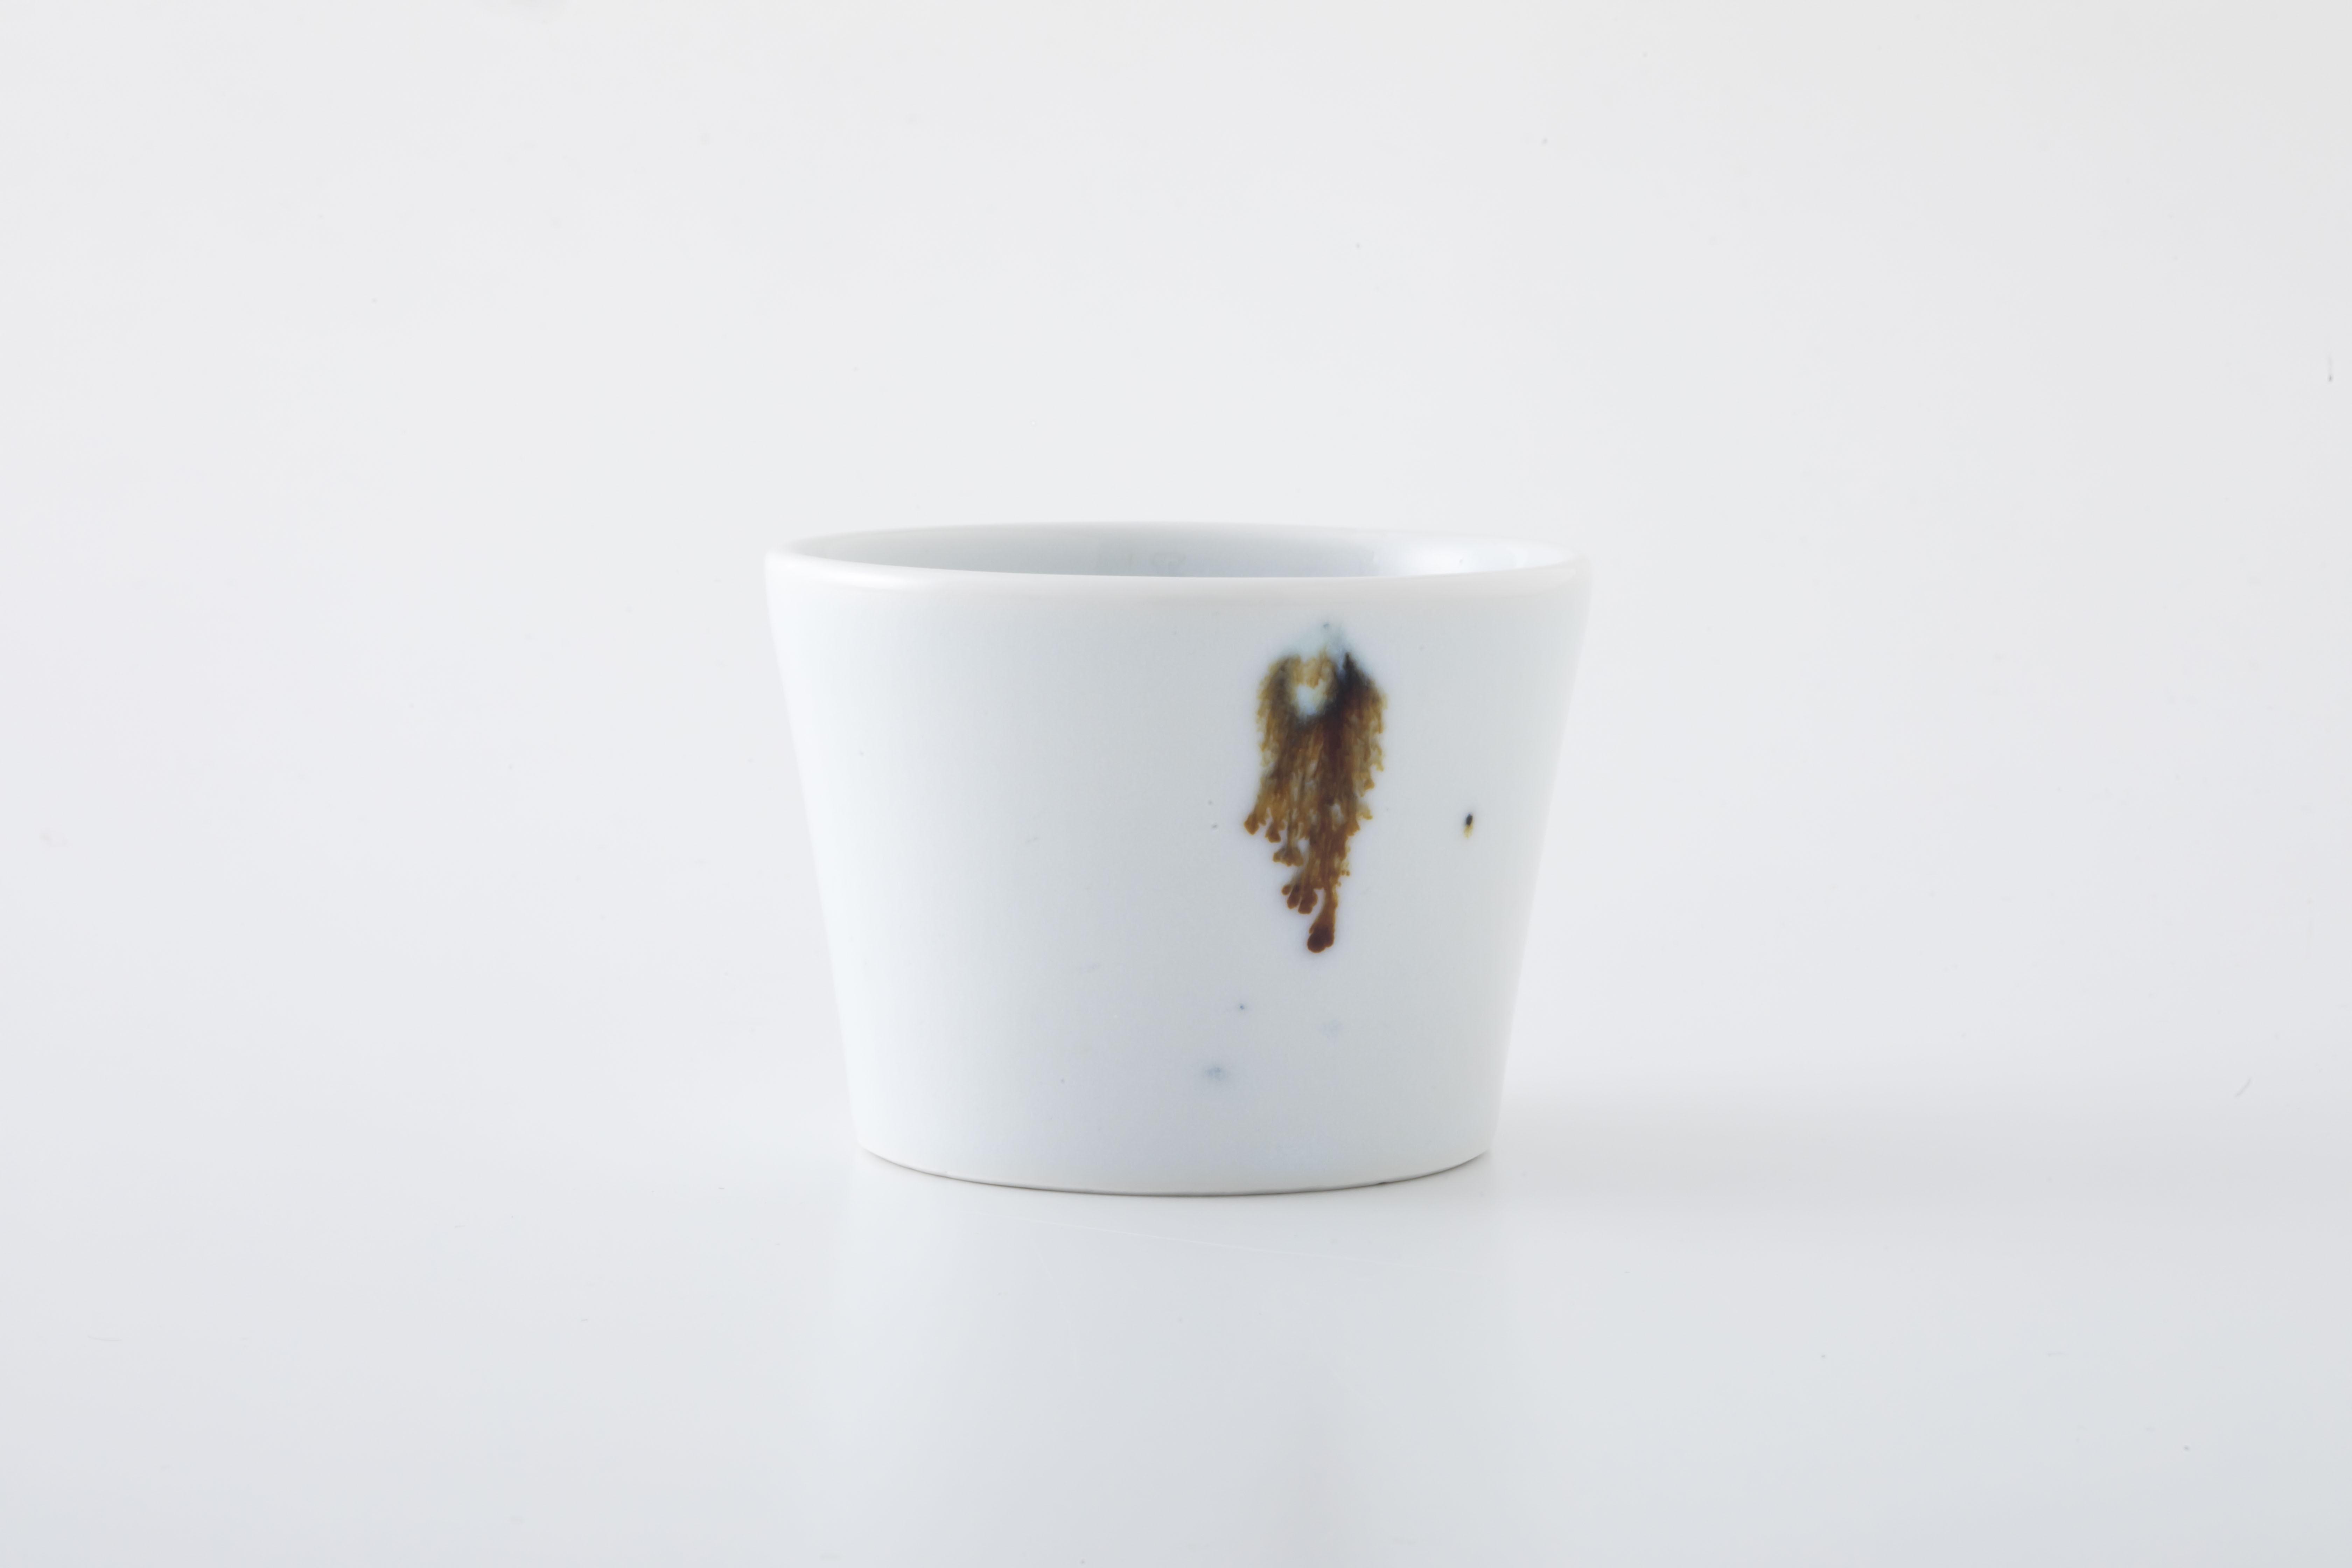 フリーカップ:01 / 人見 和樹